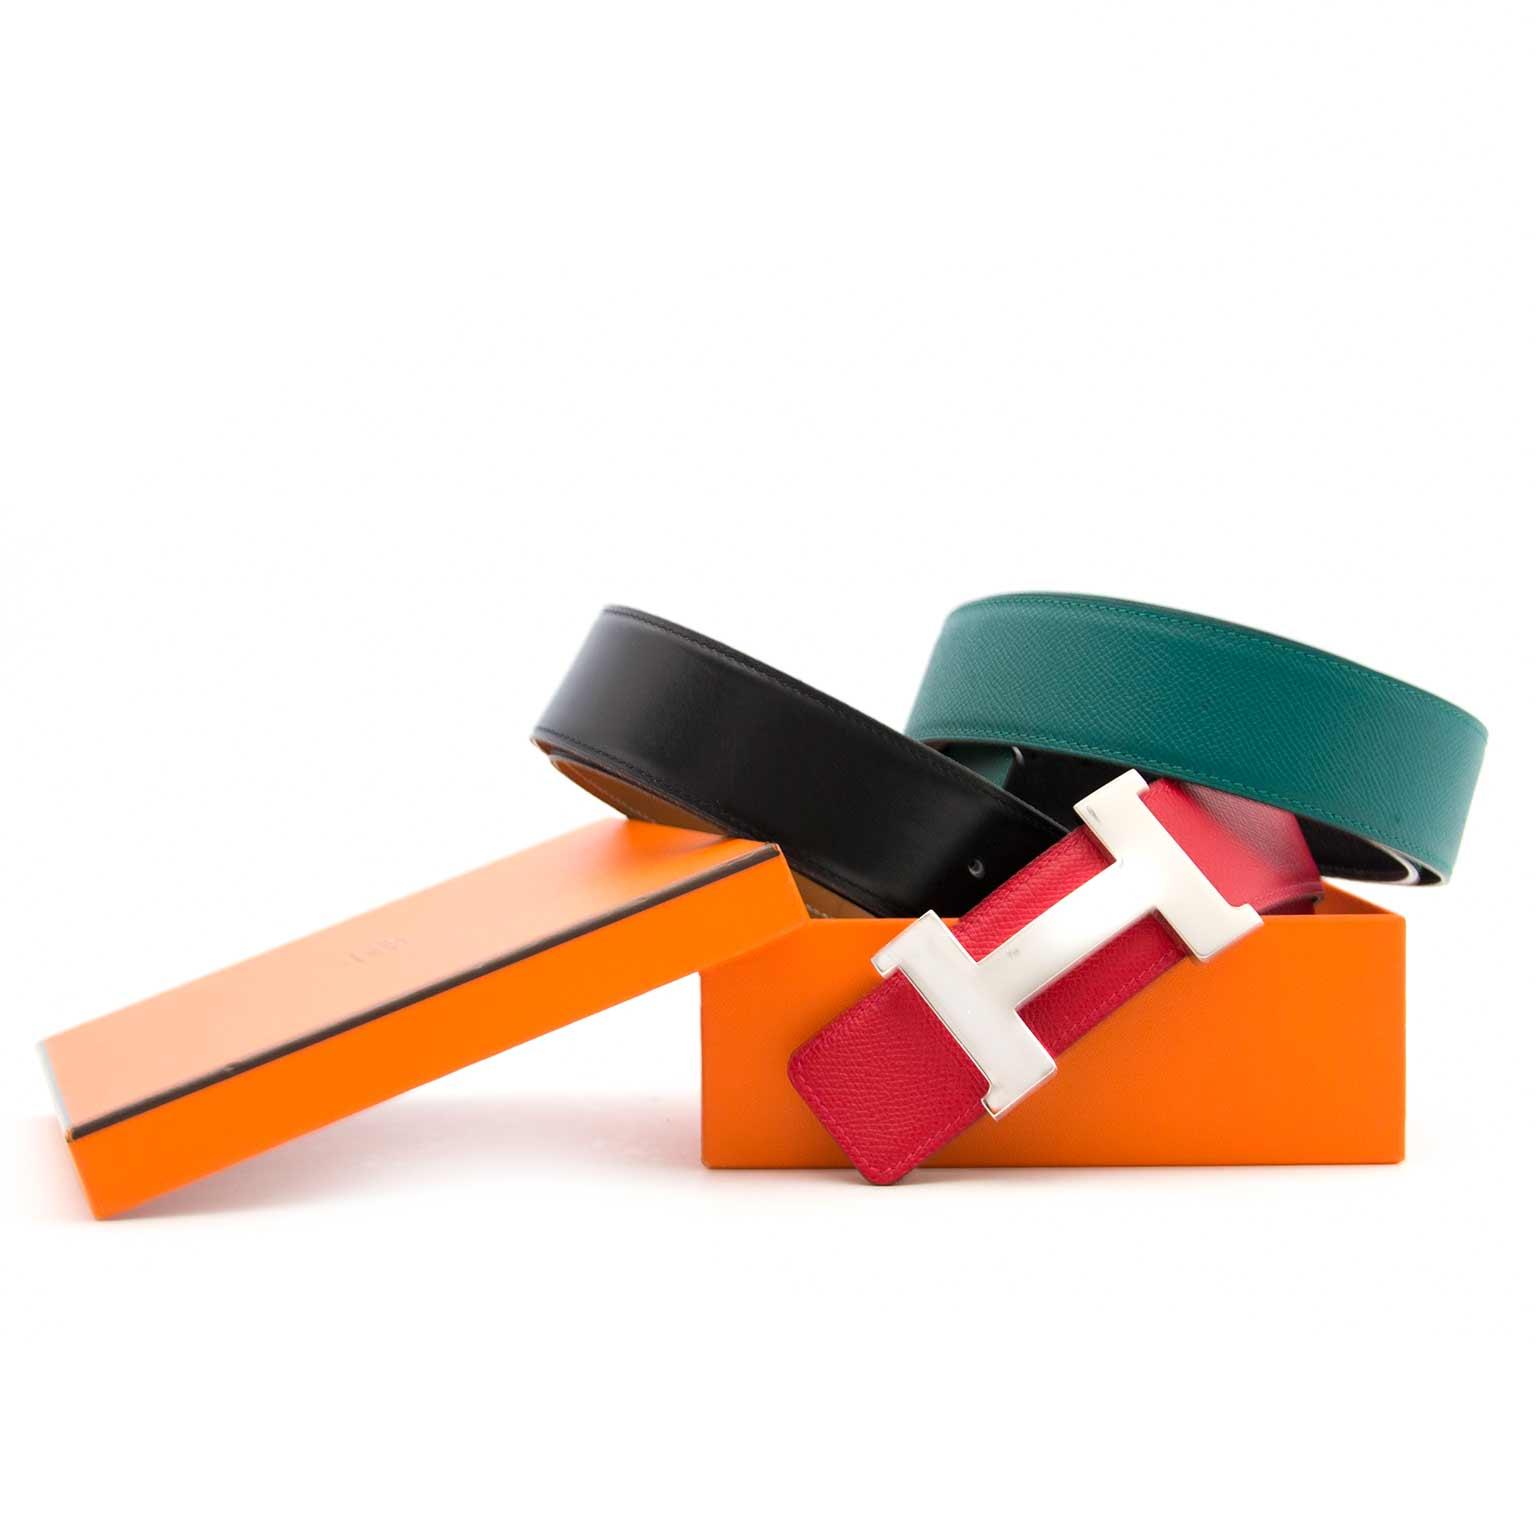 Koop uw authentieke Hermes belt set aan de beste prijs bij labellov in Antwerpen